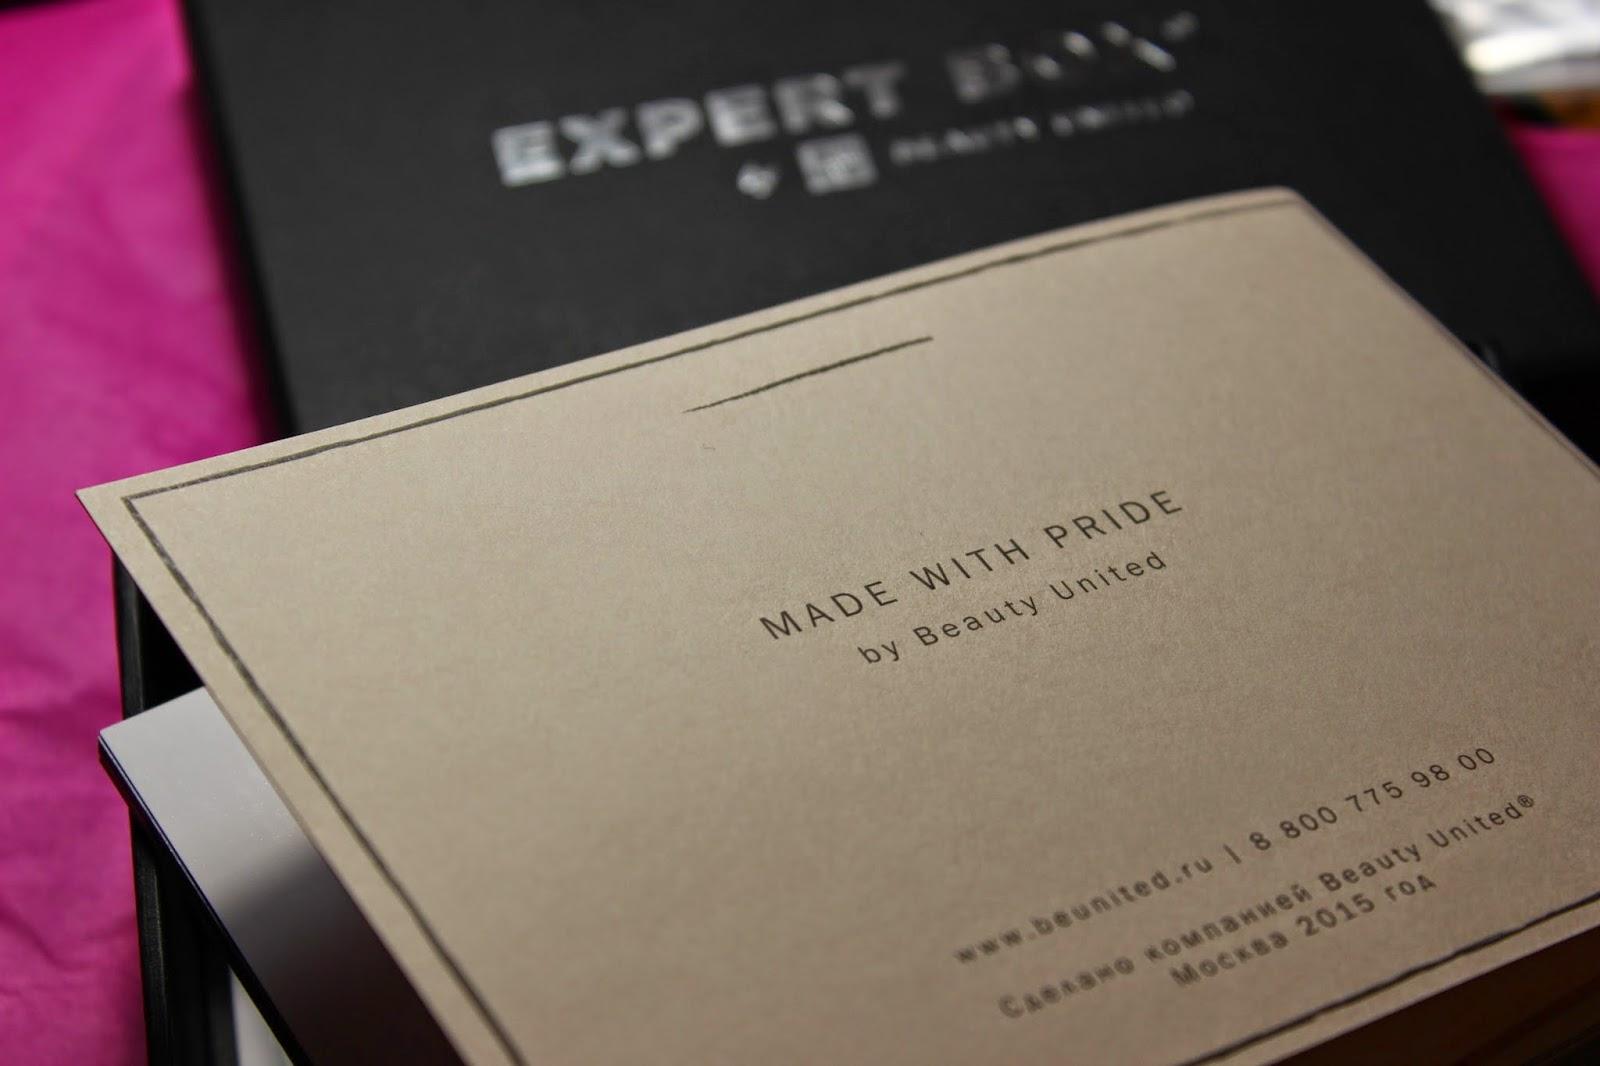 Фото наполнения парфюмерной коробочки Expert Box от Beauty United